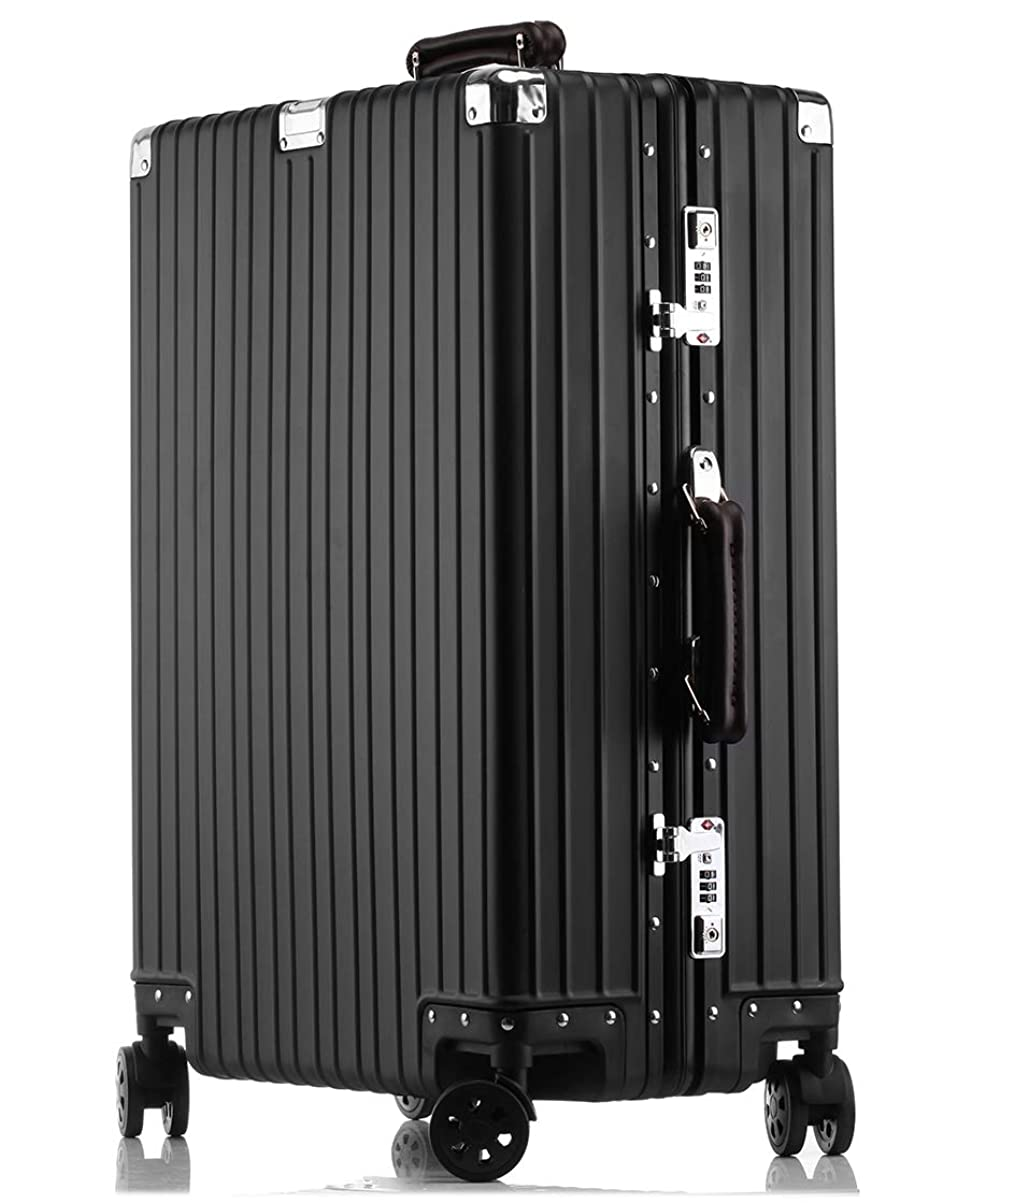 朝マティス必要条件LNMLAN アルミニウムマグネシウム合金製スーツケース 機内持ち込みスーツケース トラベルバッグ キャリーバッグ 静音キャスター 自在車 1802